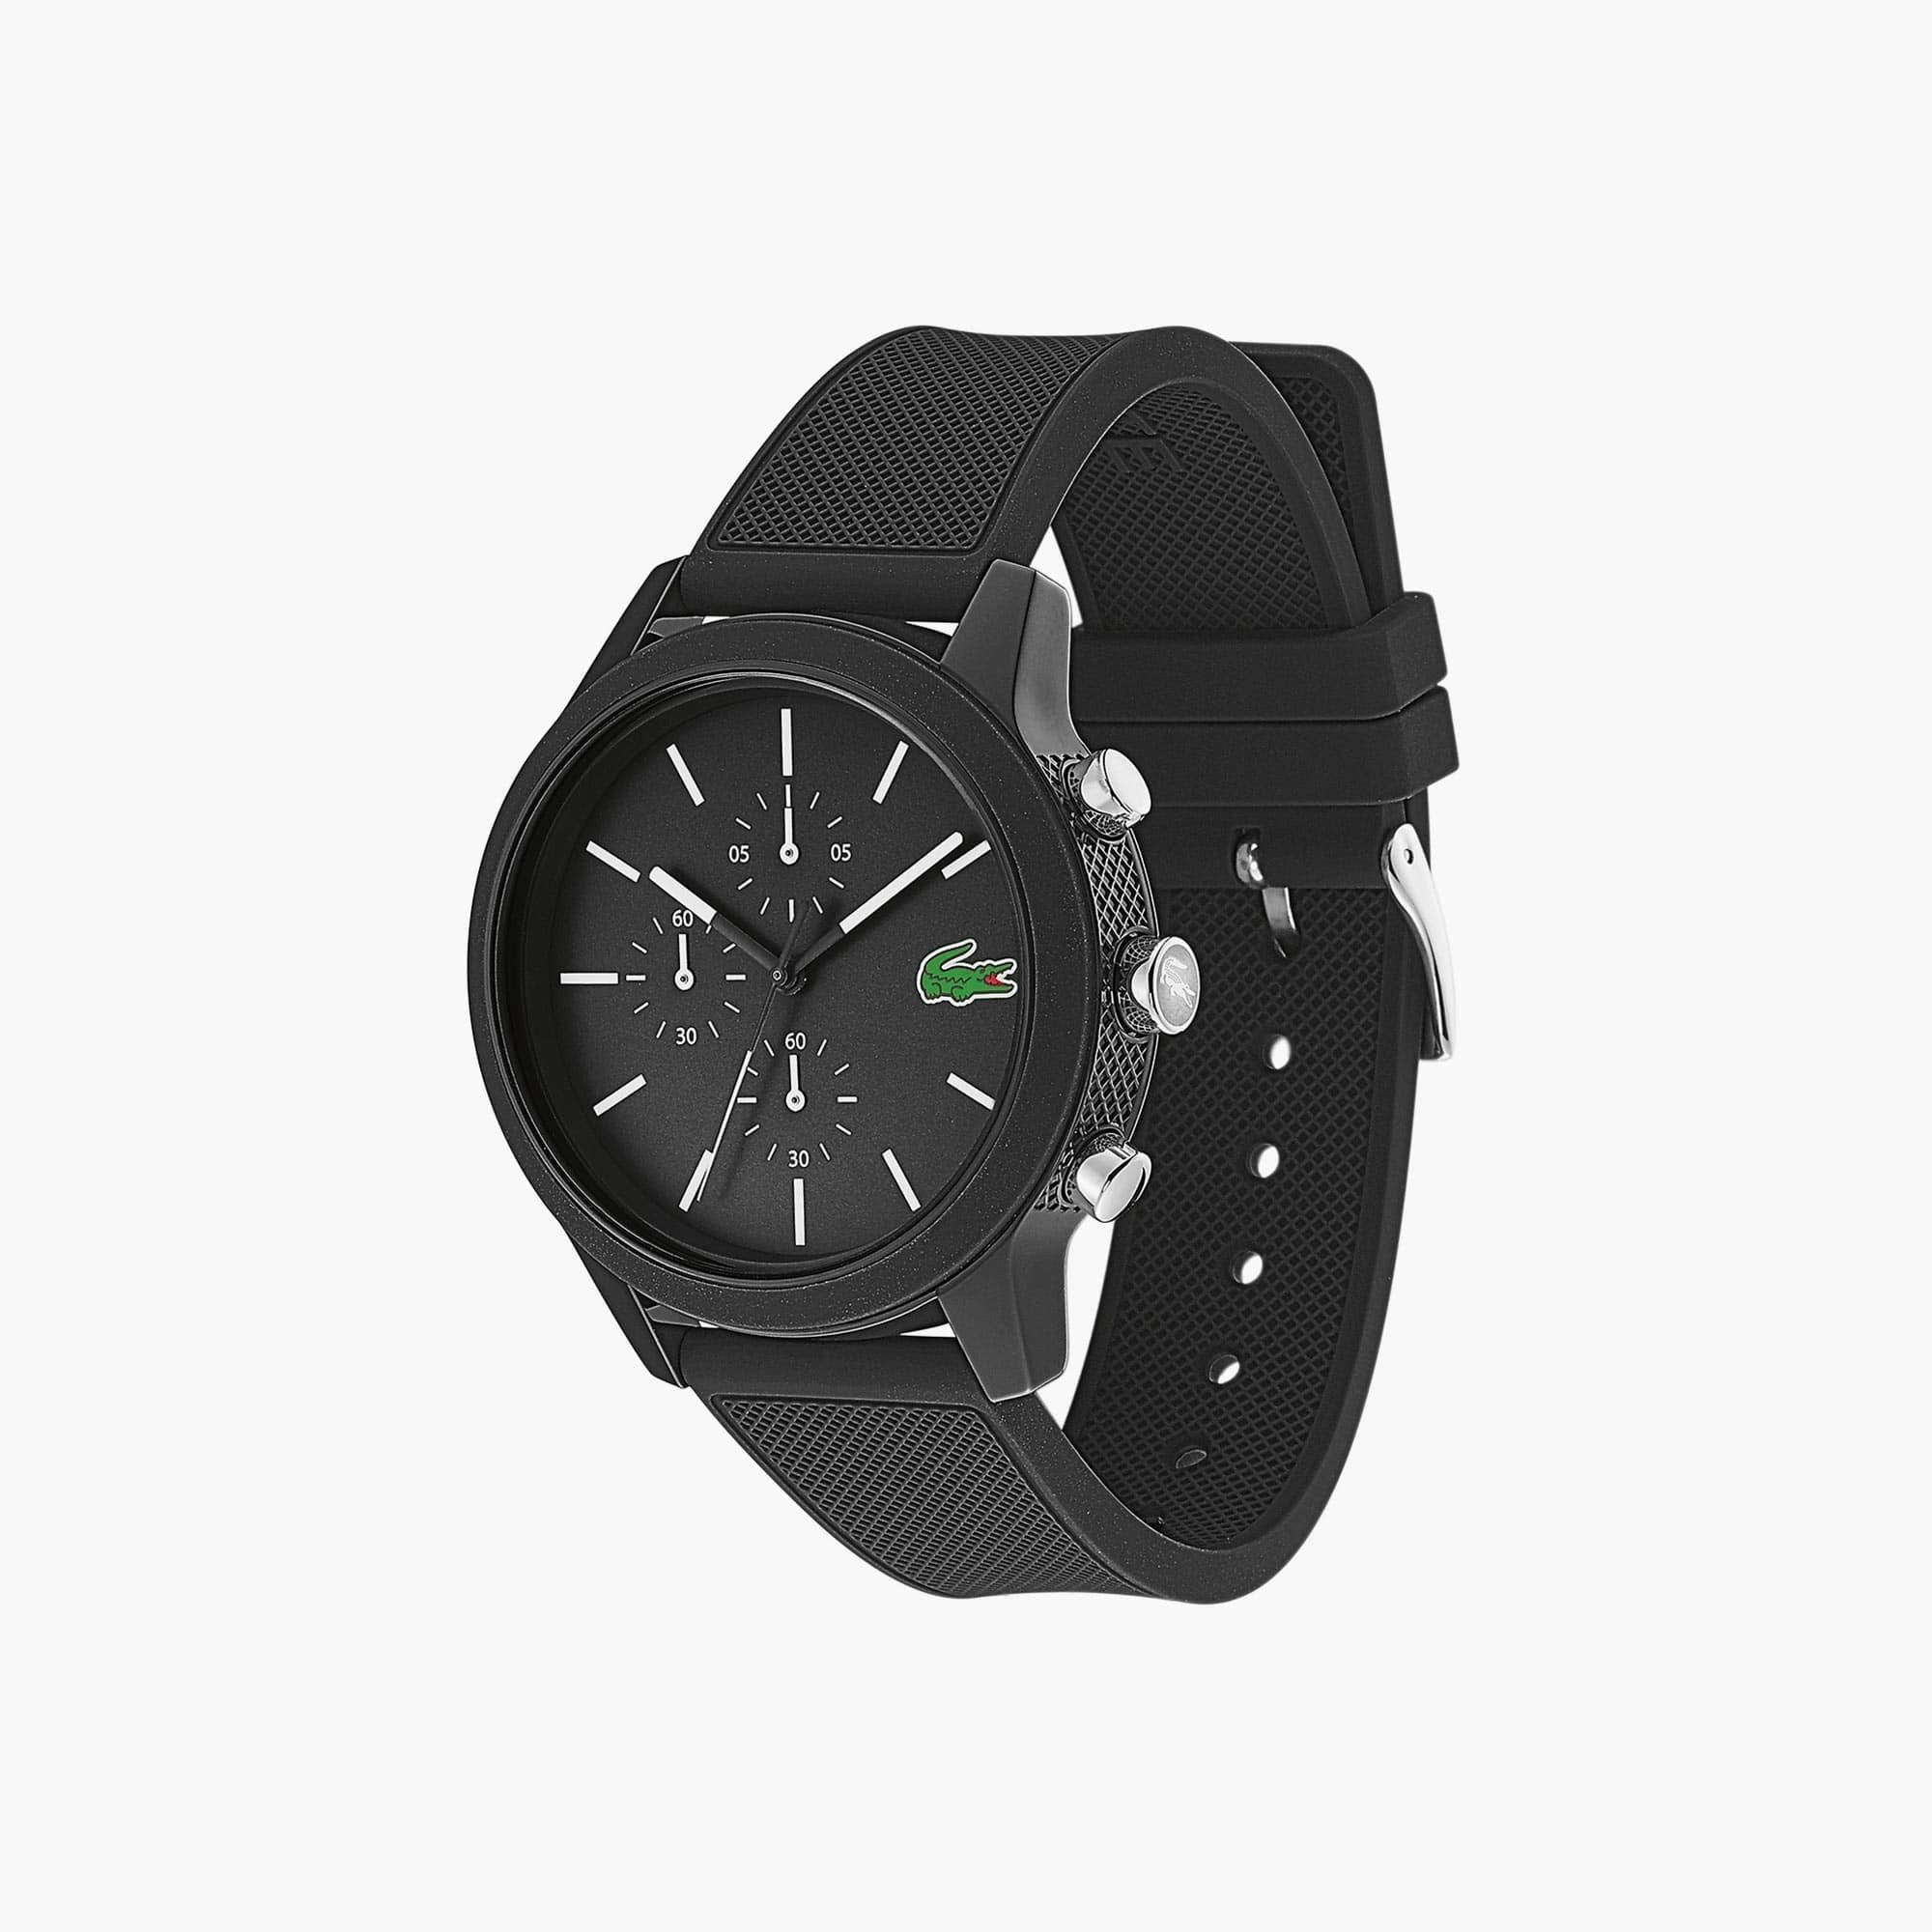 Welp Horloge Lacoste 12.12 Chronograph heren met zwarte siliconenband ID-58